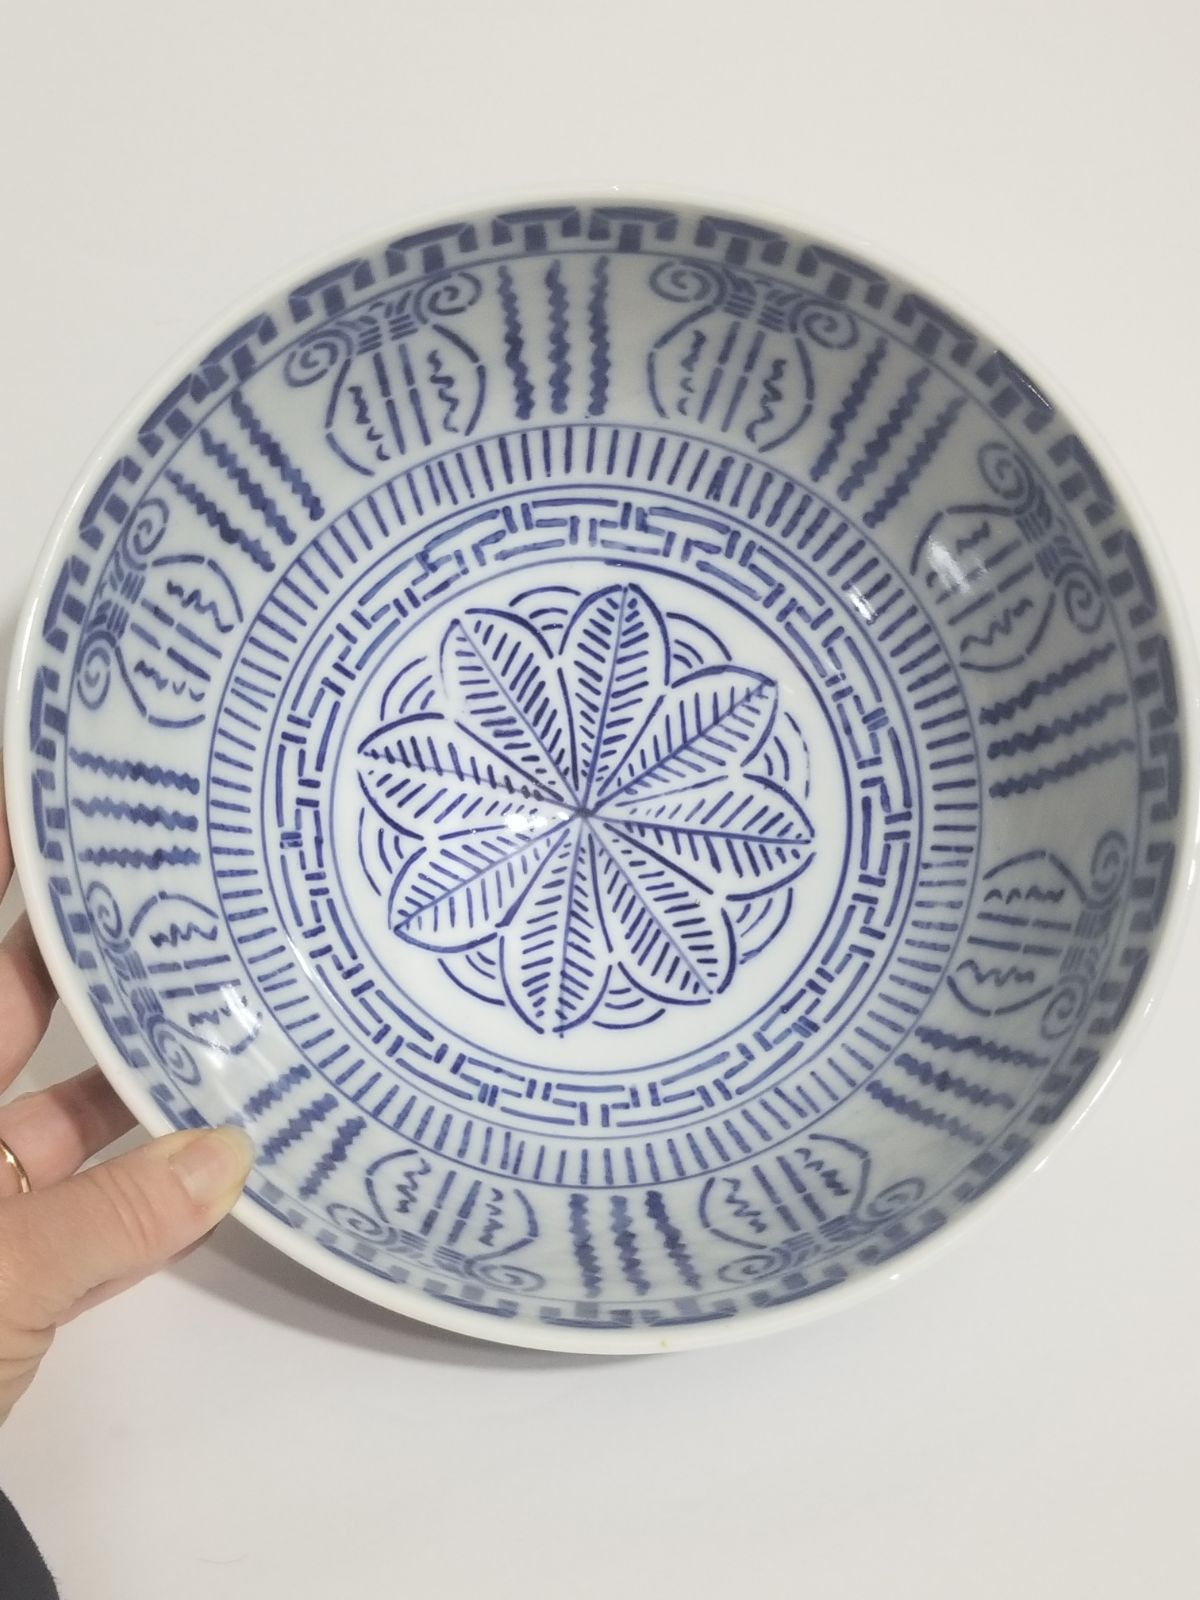 Large Chinese blue and white bowl vase